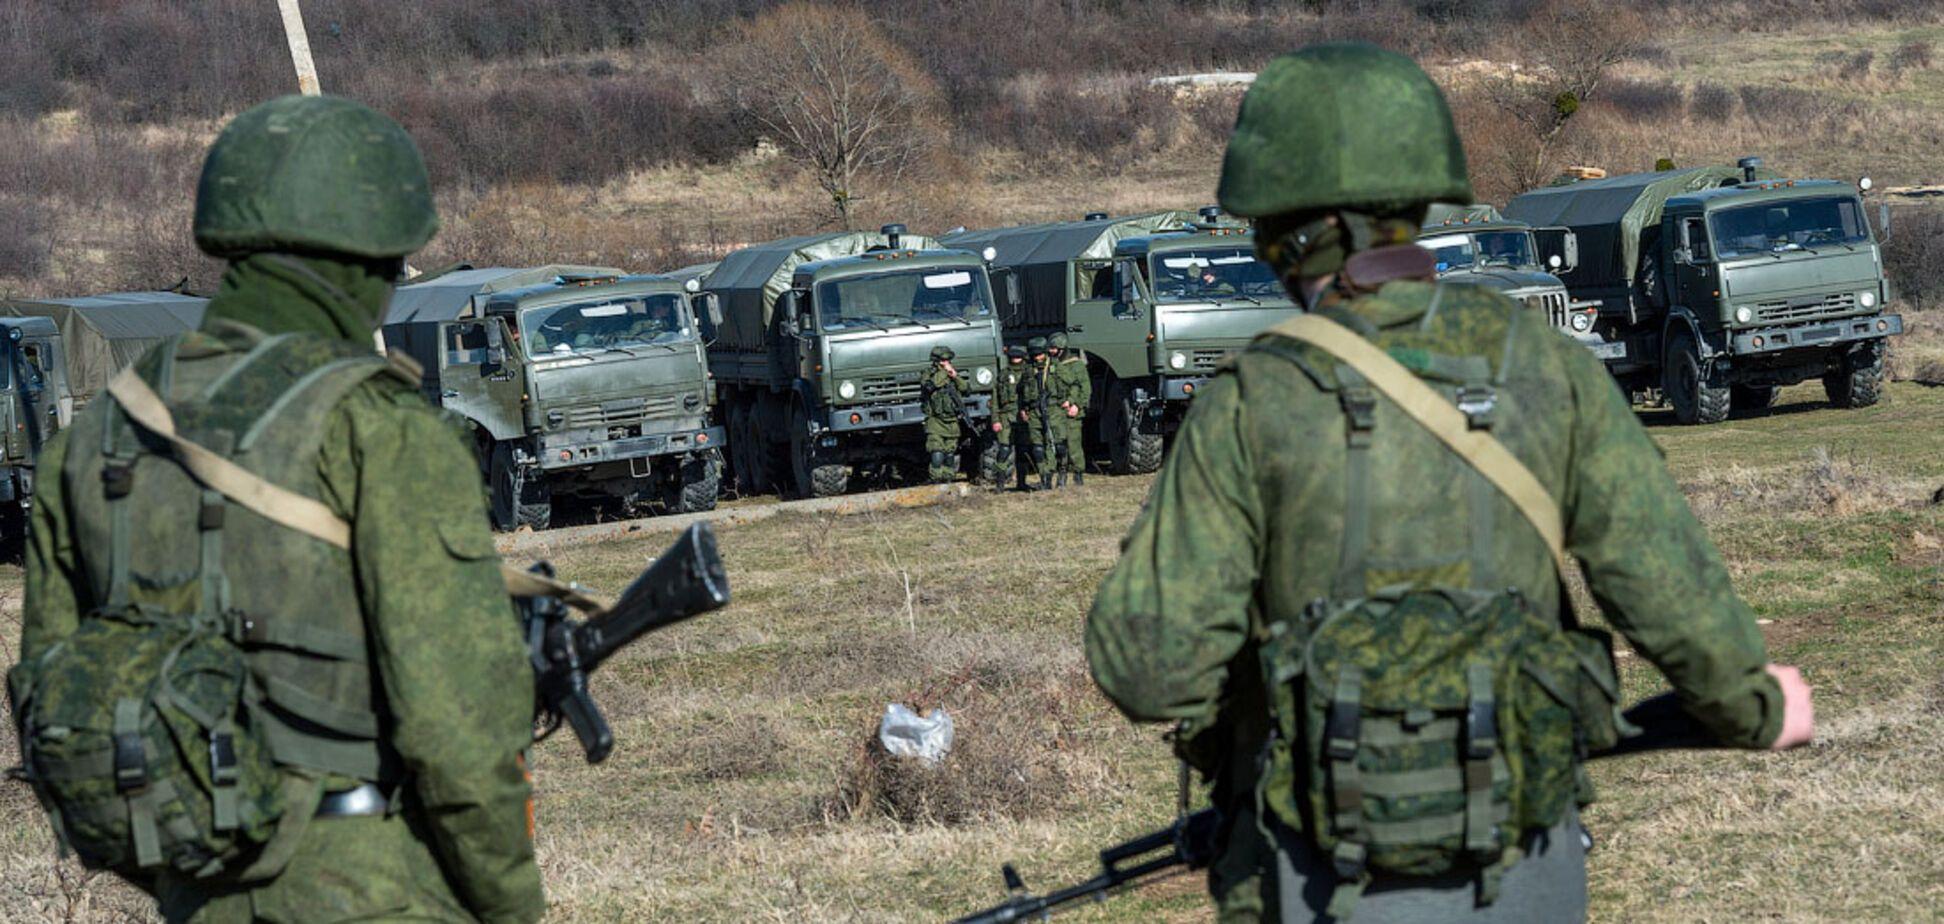 Нова зброя РФ в Криму: Чубаров зважив шанси на звільнення півострова